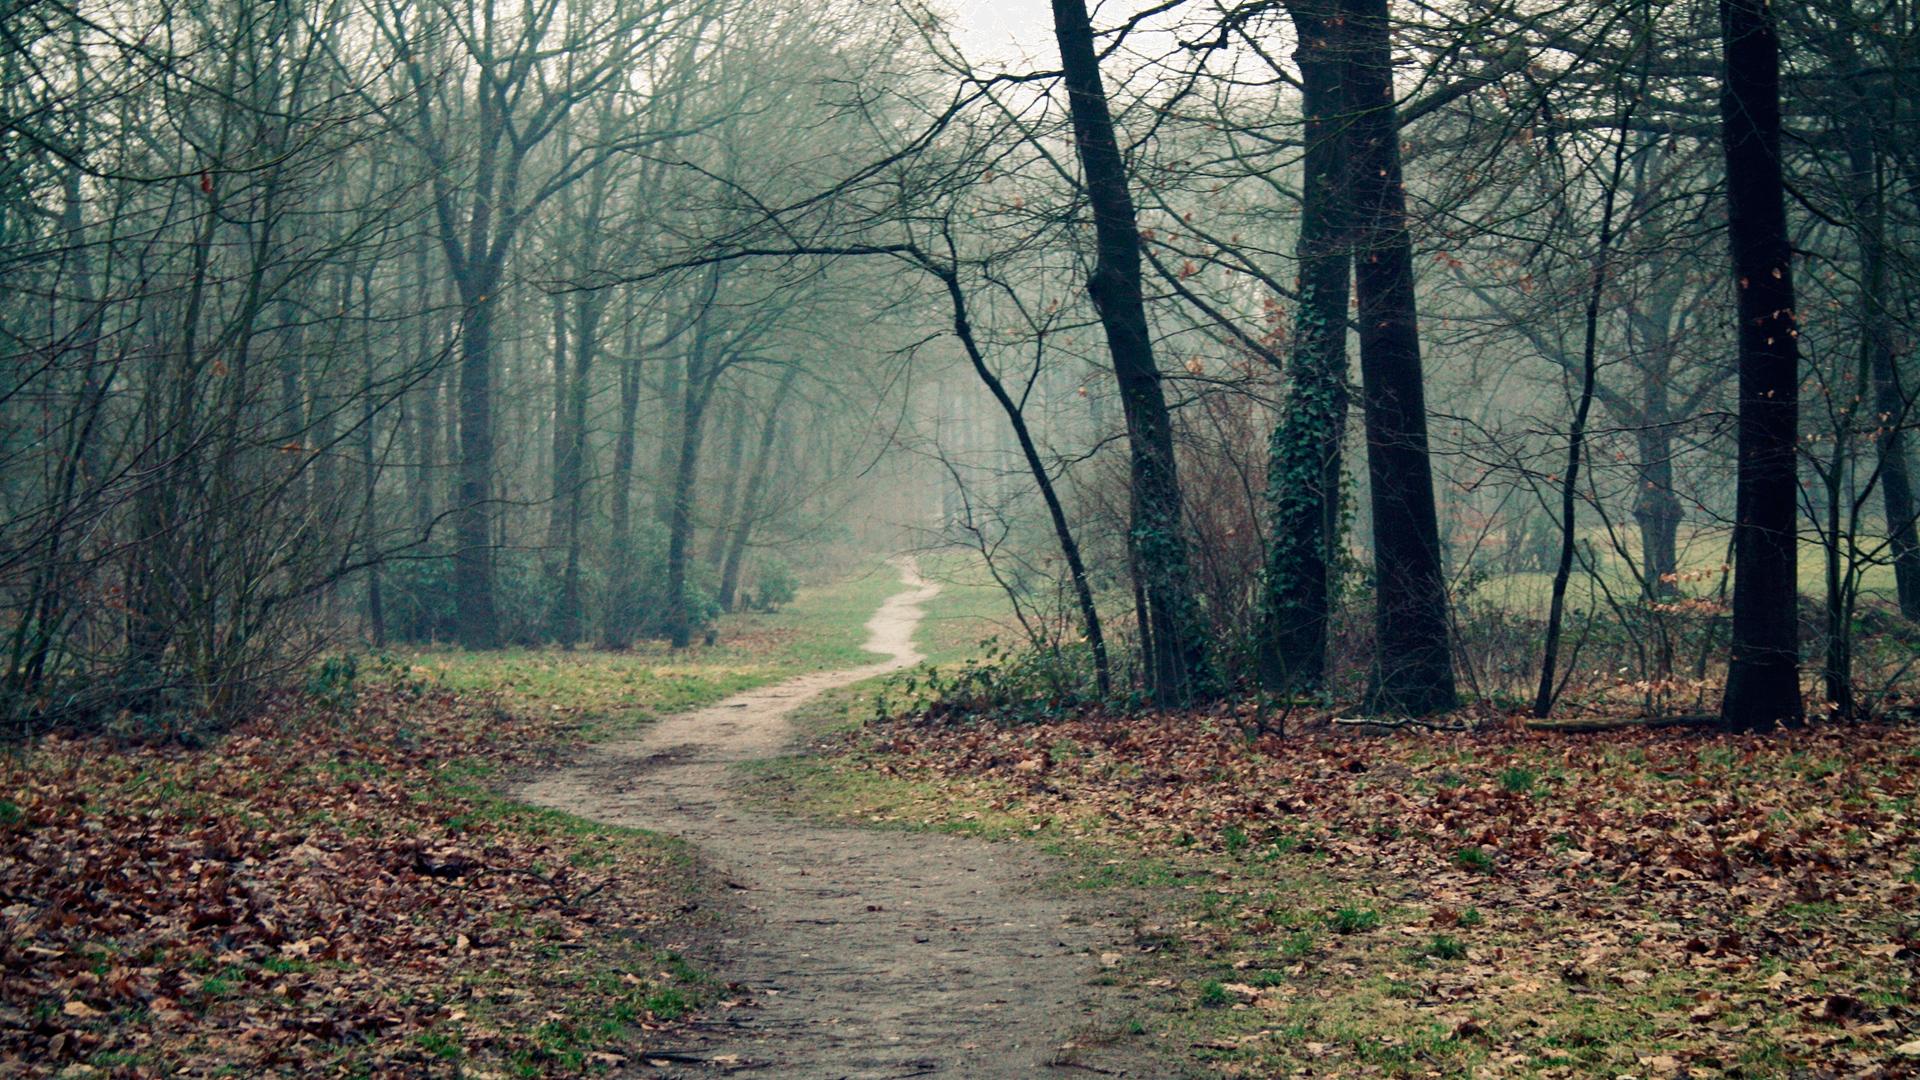 Картинка поздней осенью в лесу